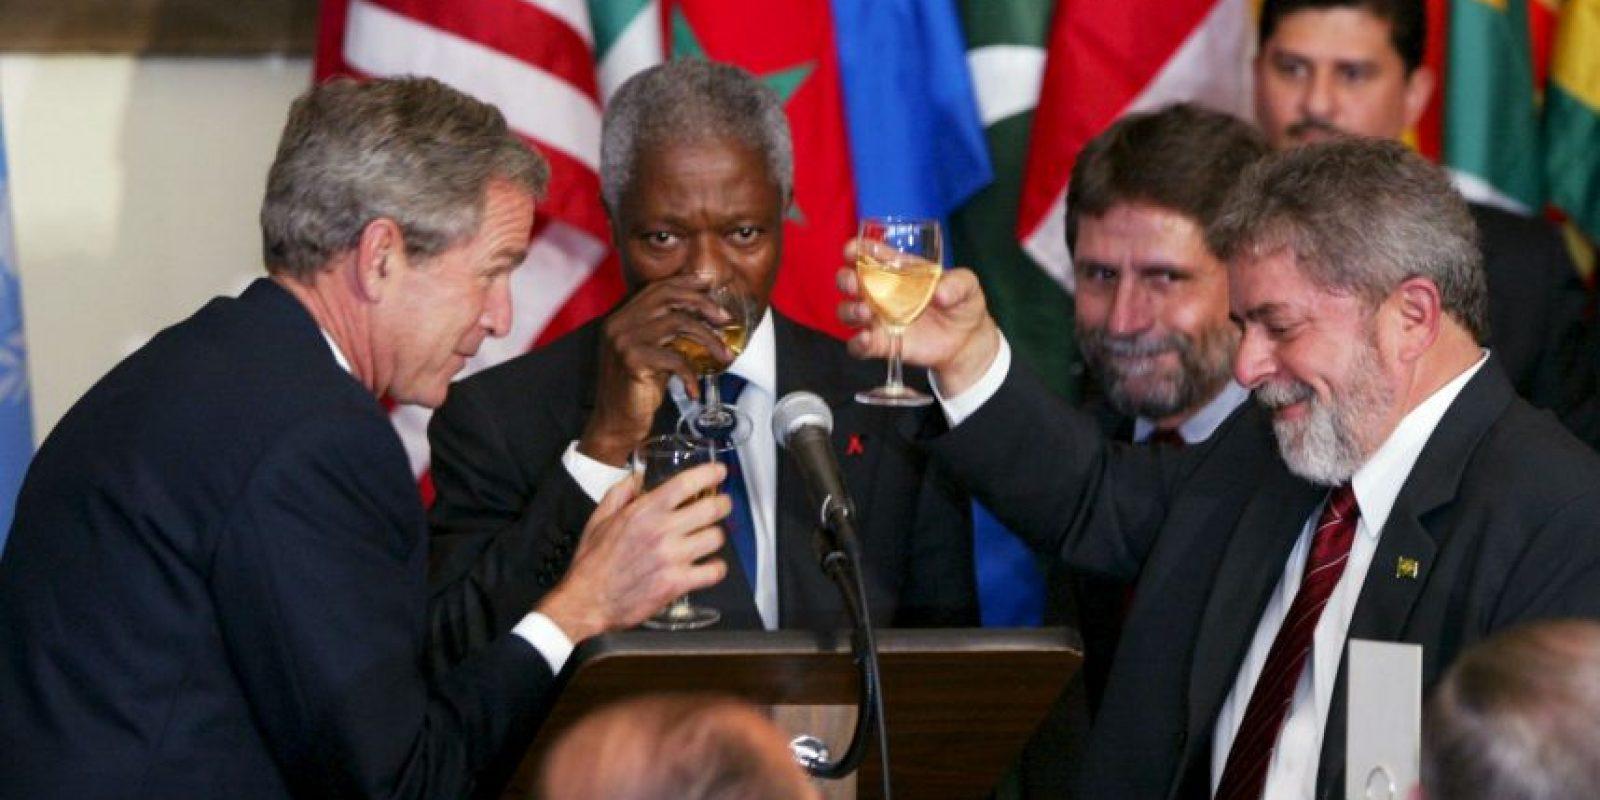 Misma que le dieron el triunfo y lo volvieron presidente hasta diciembre de 2010. Foto:Getty Images